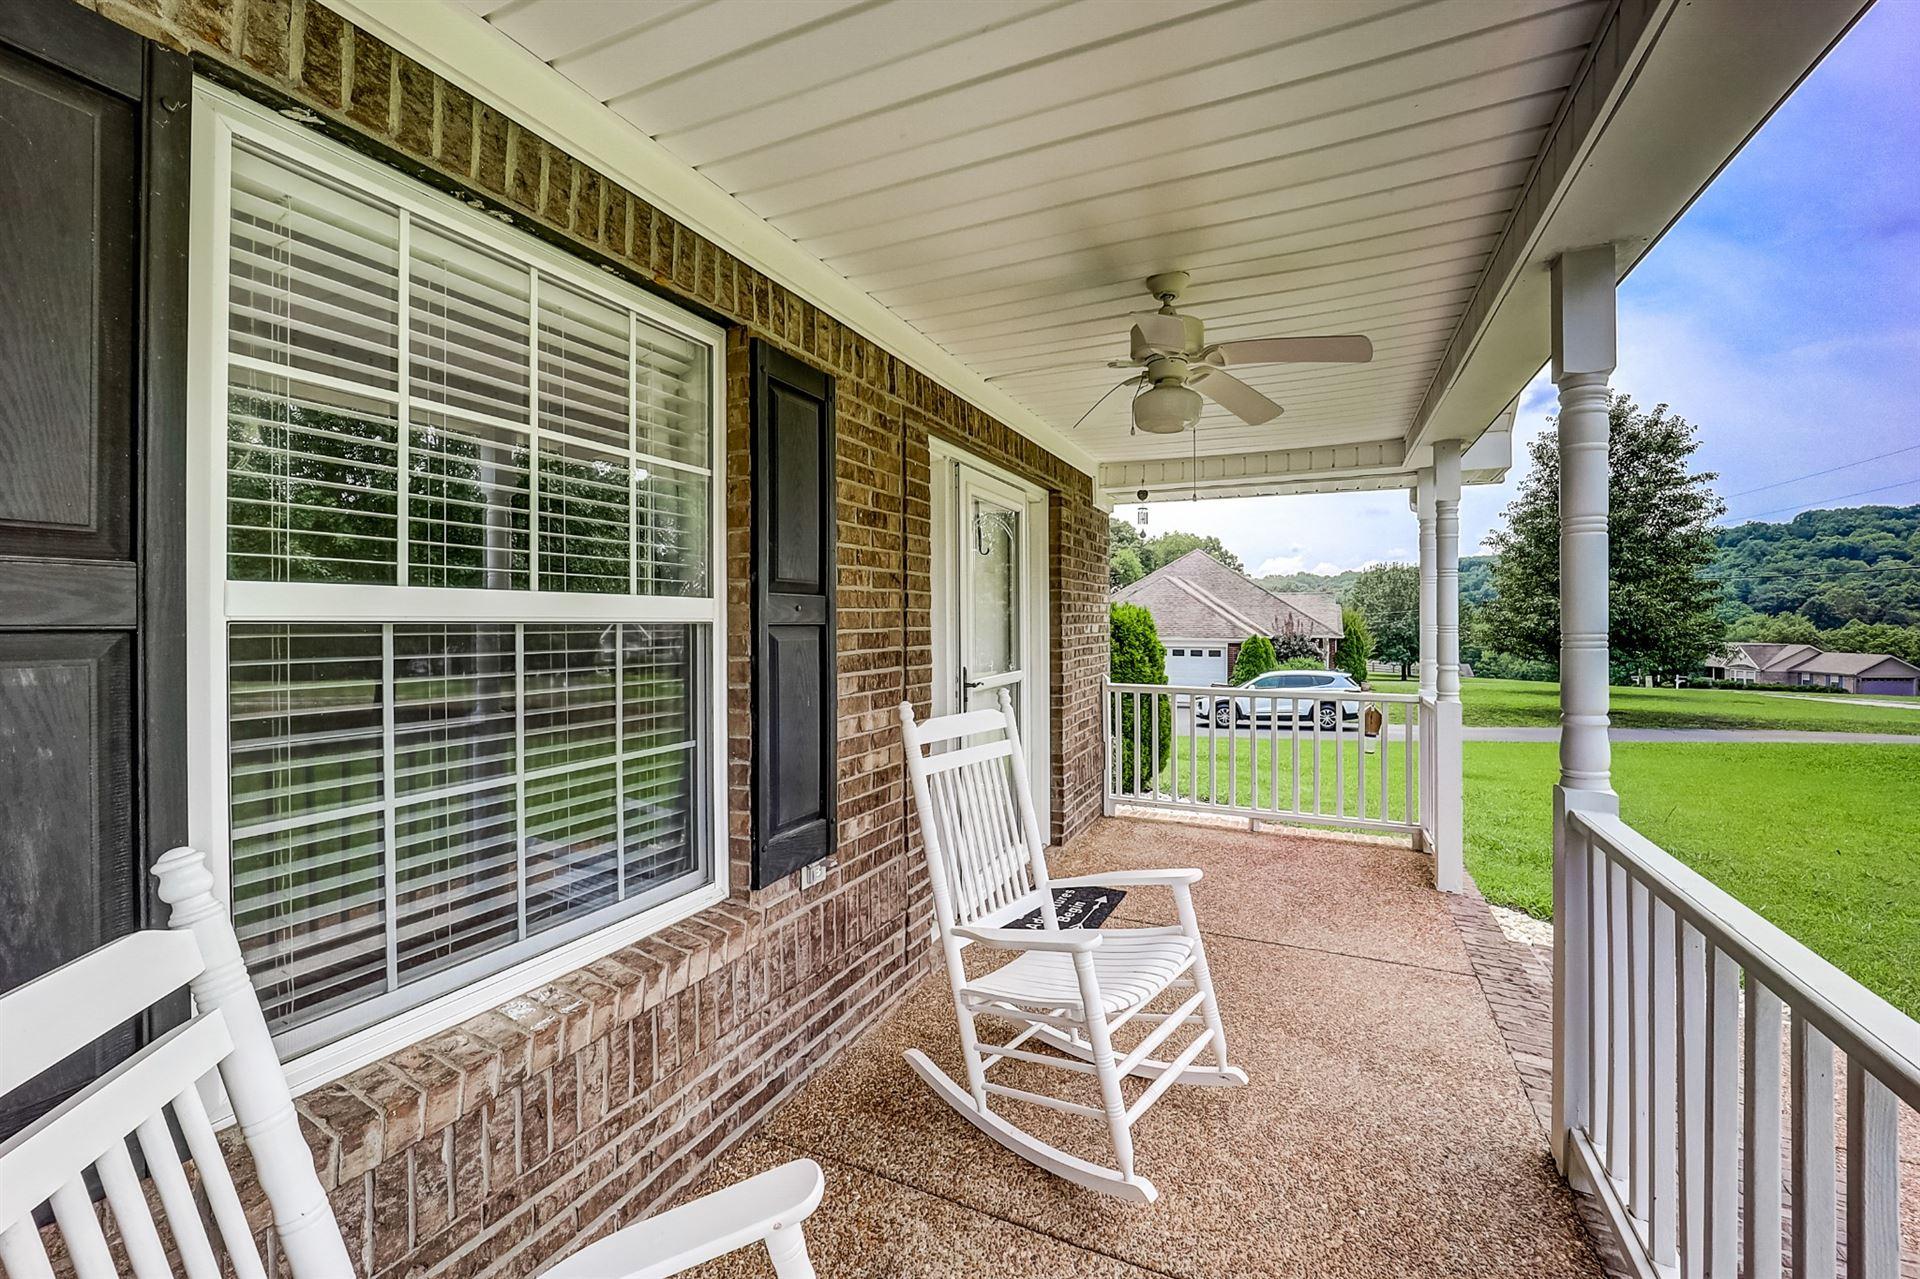 Photo of 449 Marilyn Cir, Spring Hill, TN 37174 (MLS # 2167771)